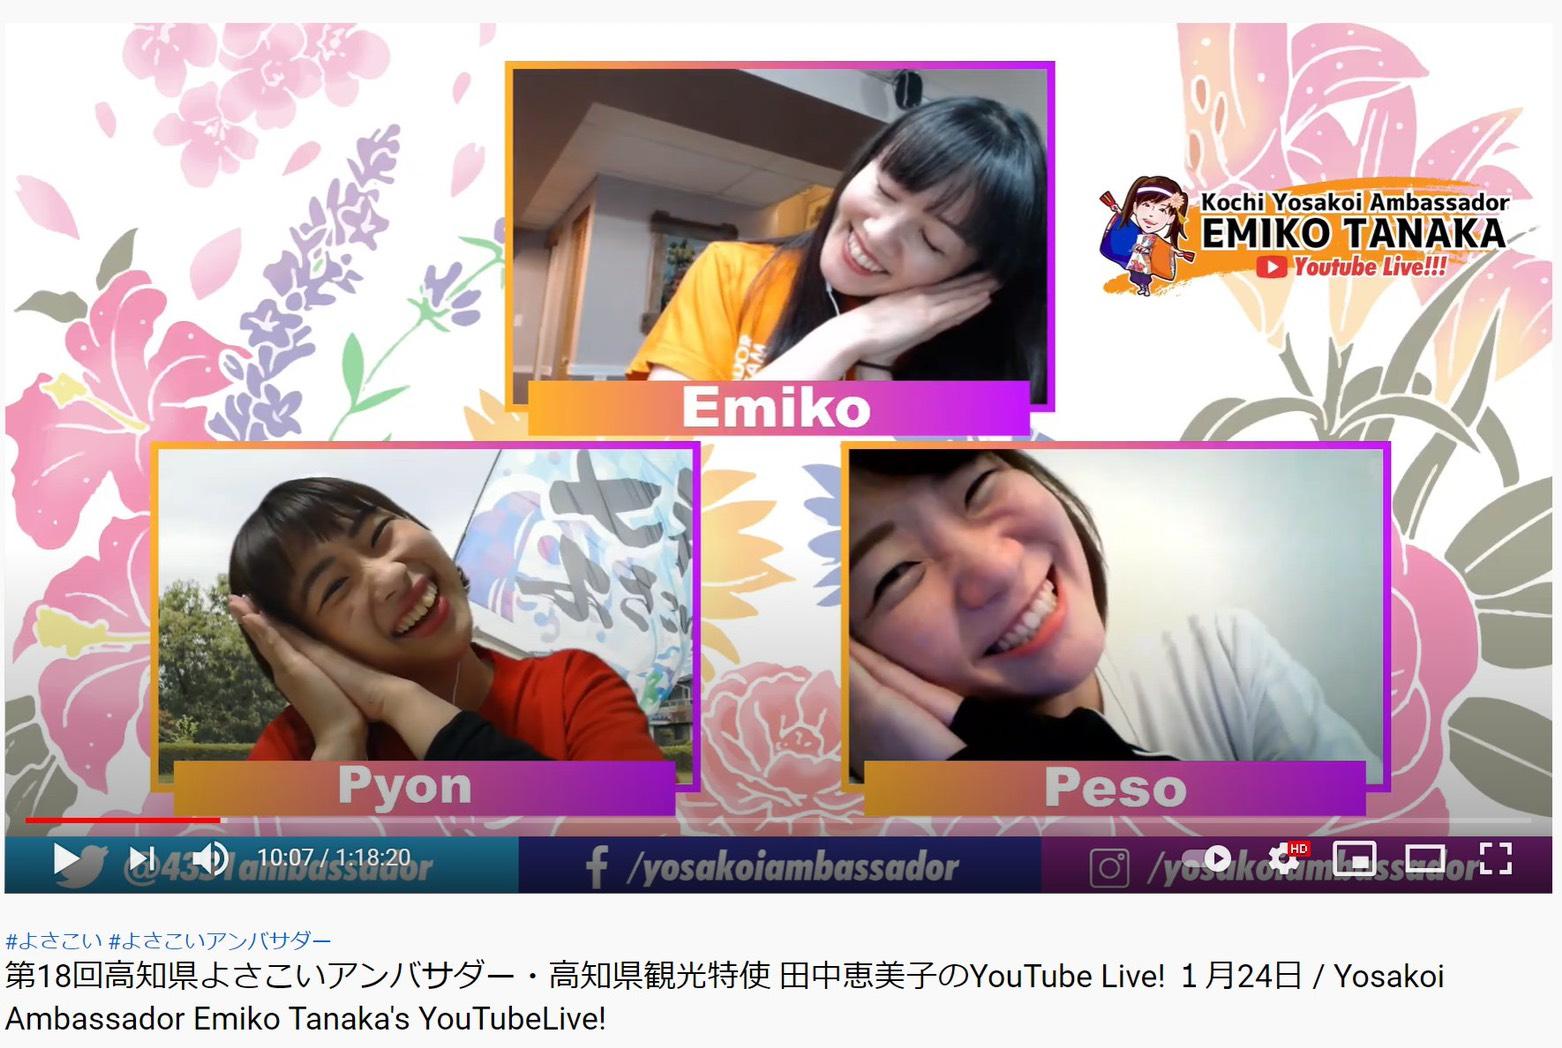 高知県よさこいアンバサダー・高知県観光特使 田中恵美子のYouTube Live!